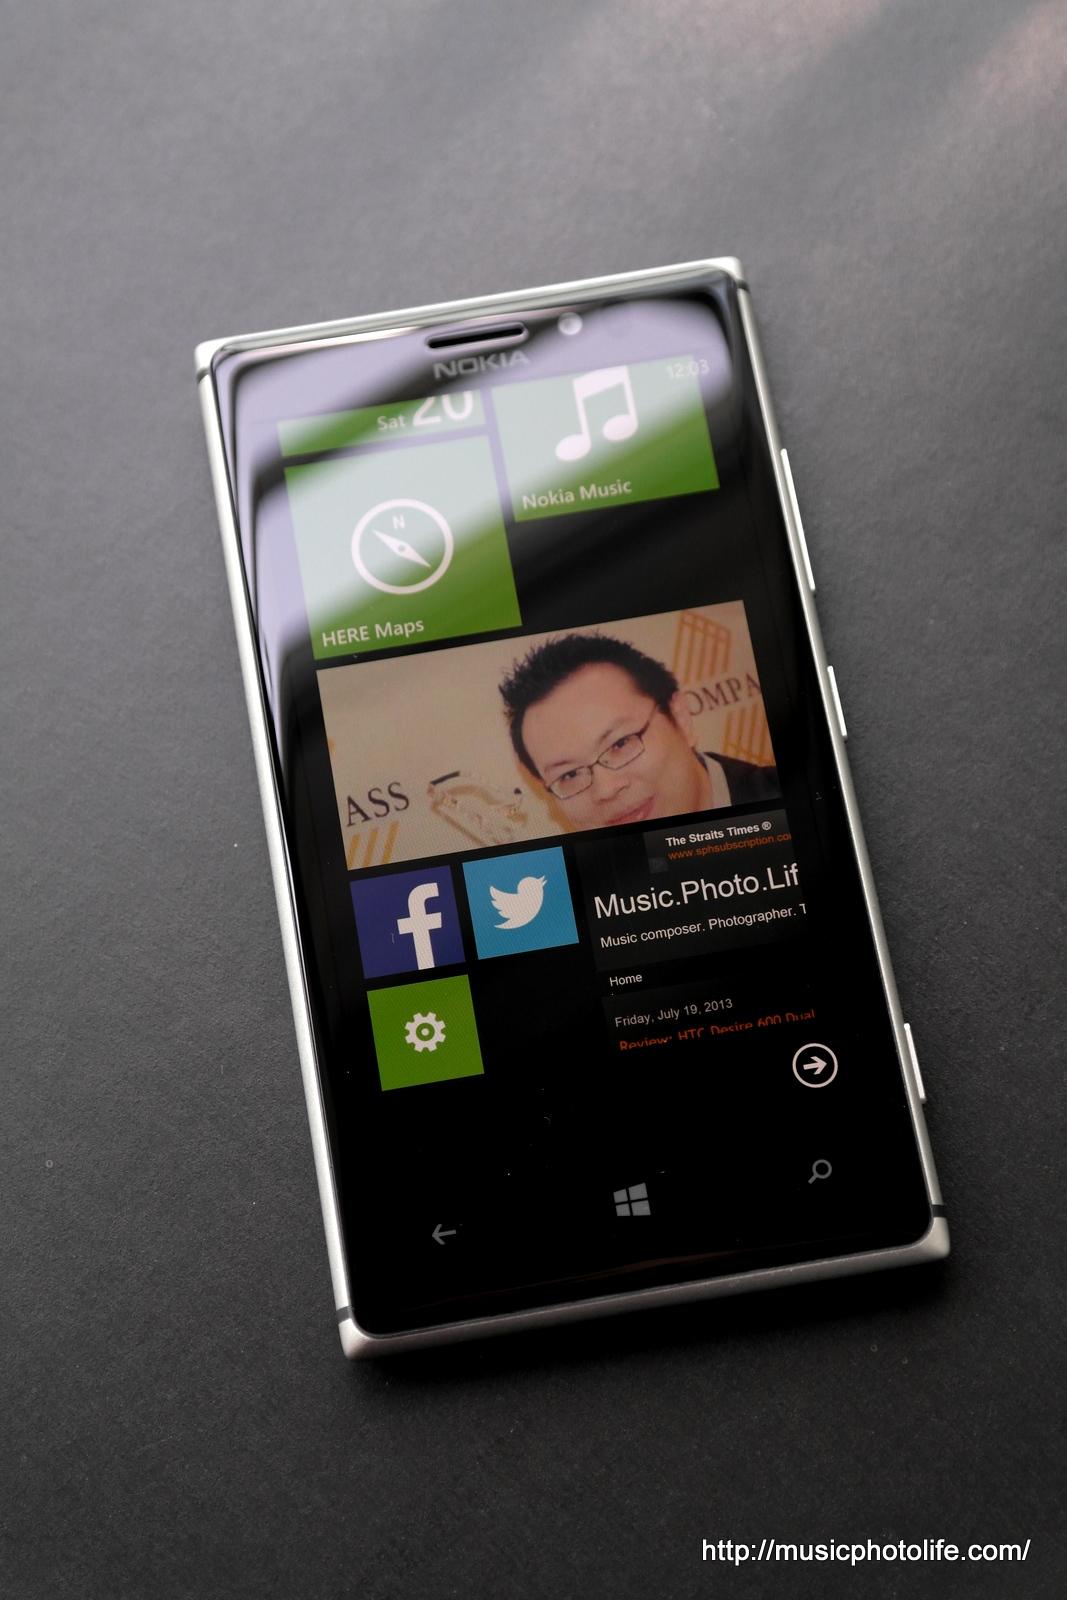 Nokia lumia 925 jpg - Filename Nokia Lumia 925 Jpg